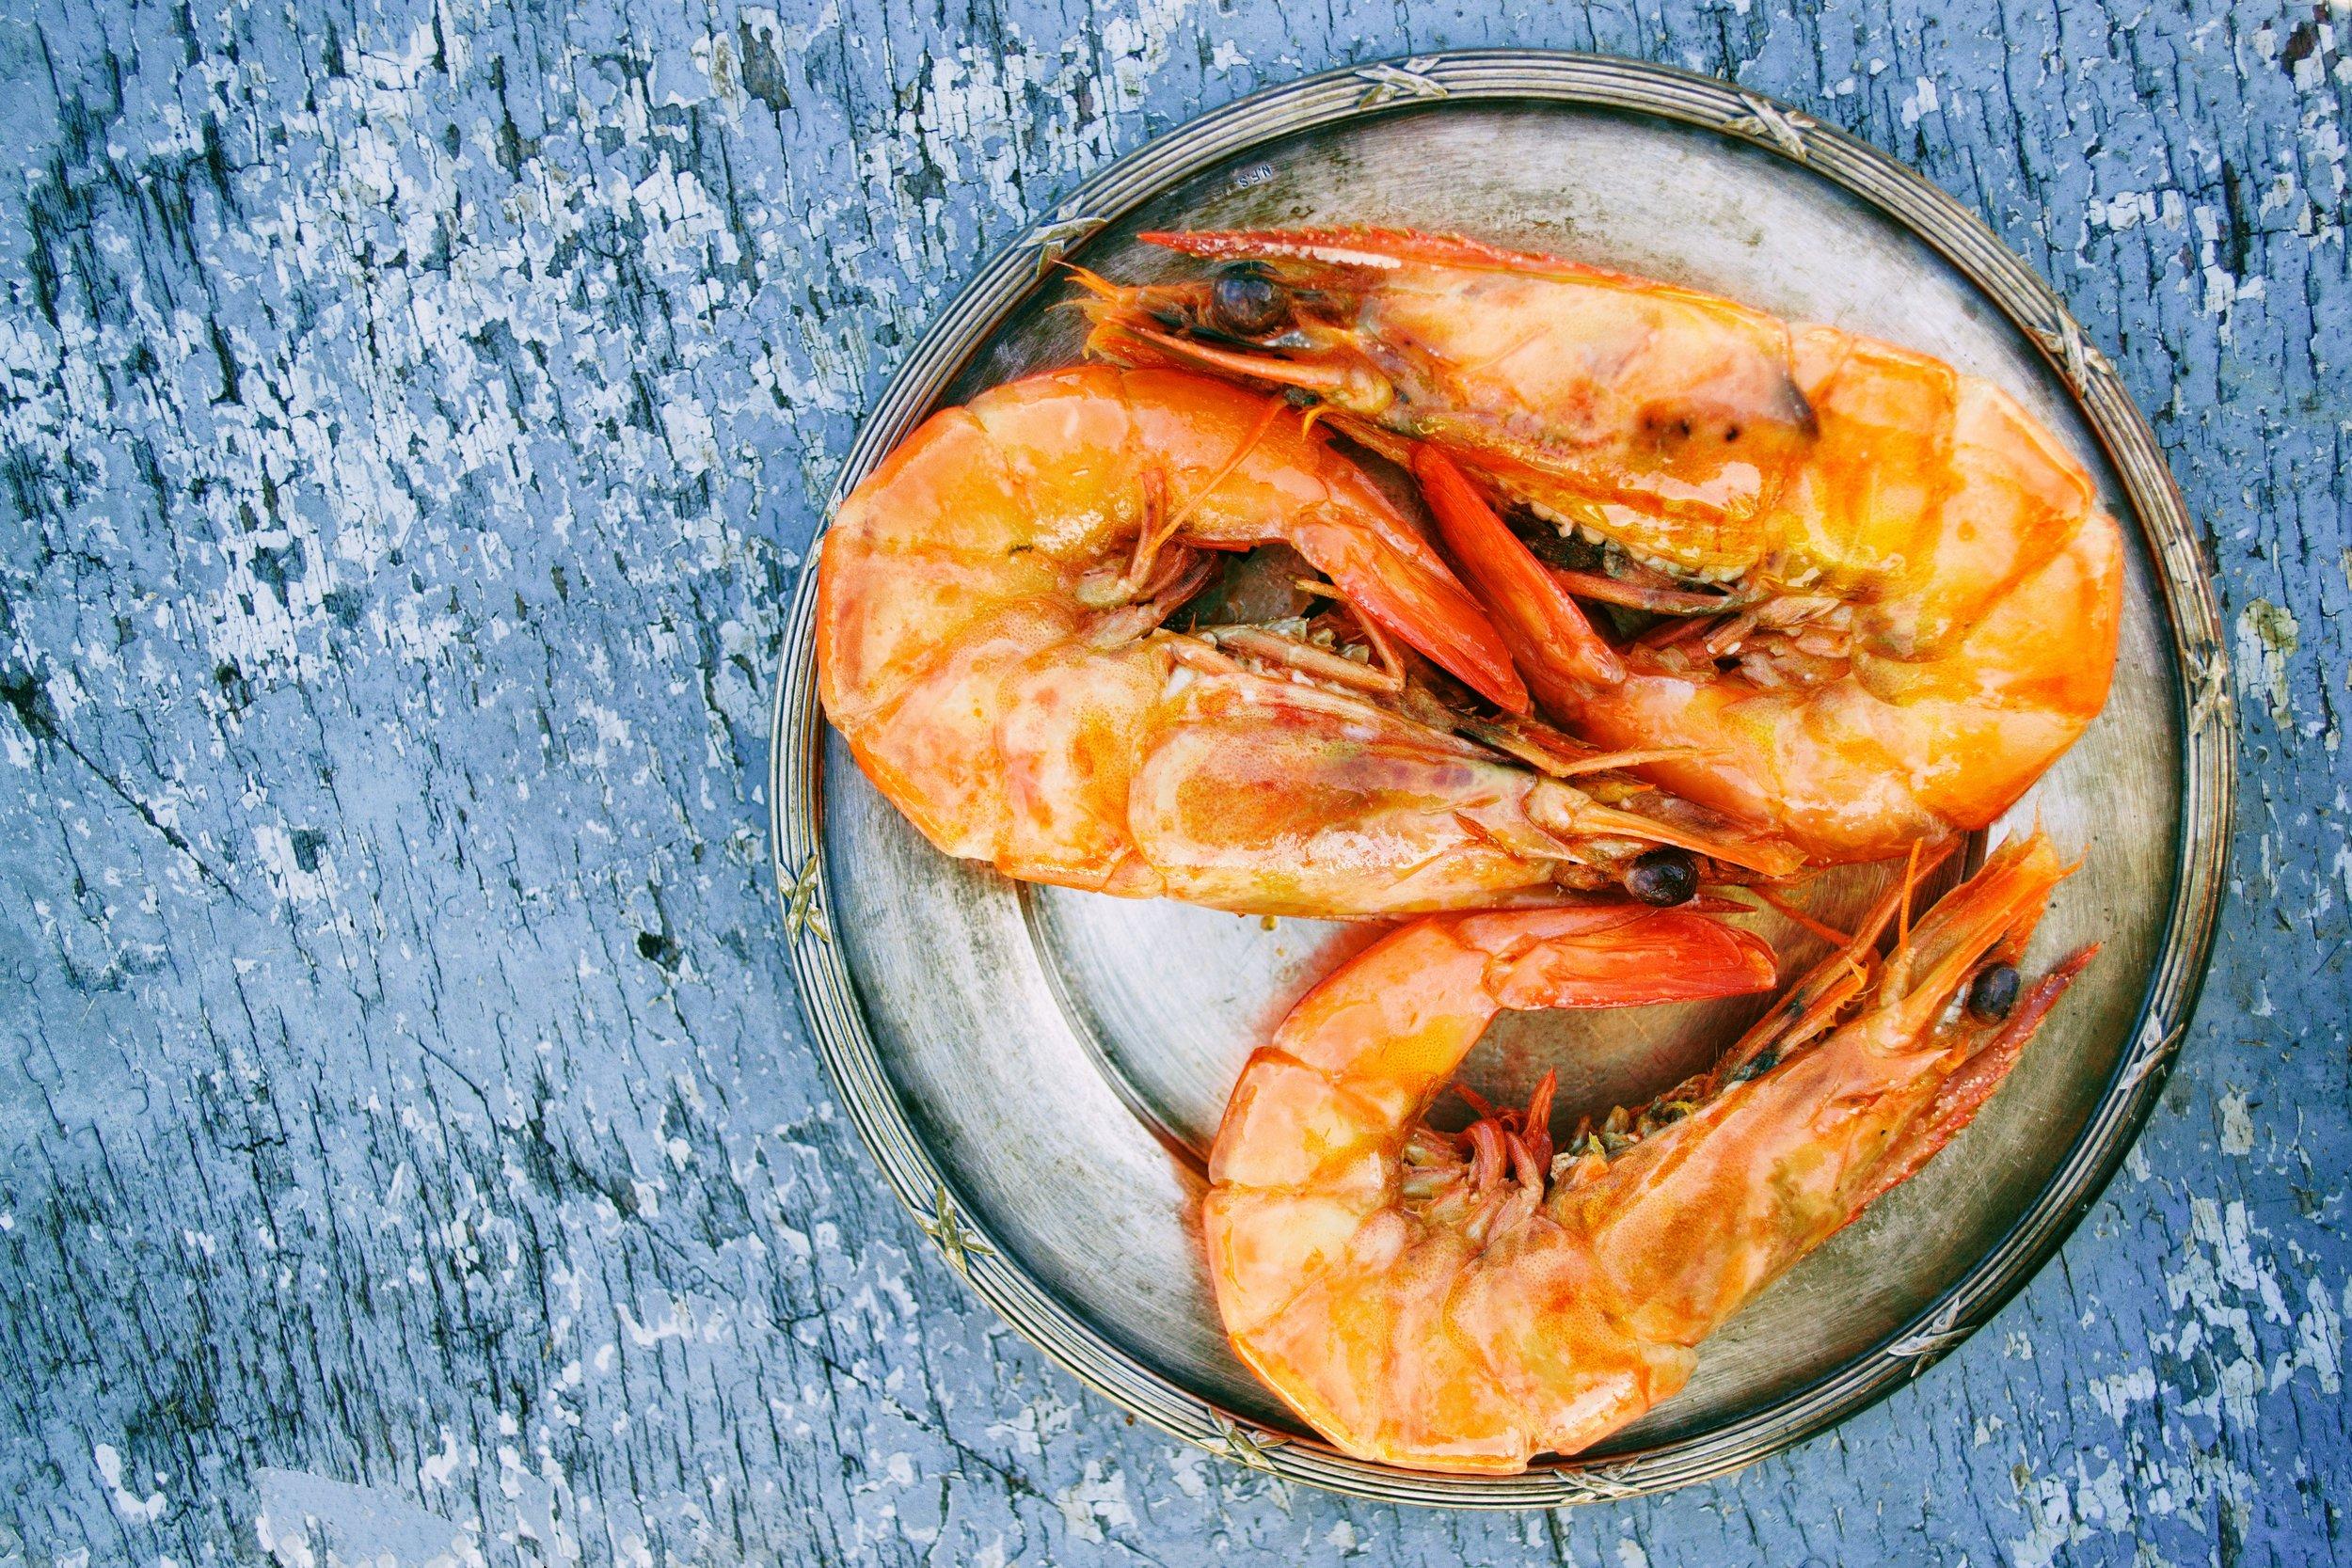 cooked-crustacean-cuisine-725992.jpg